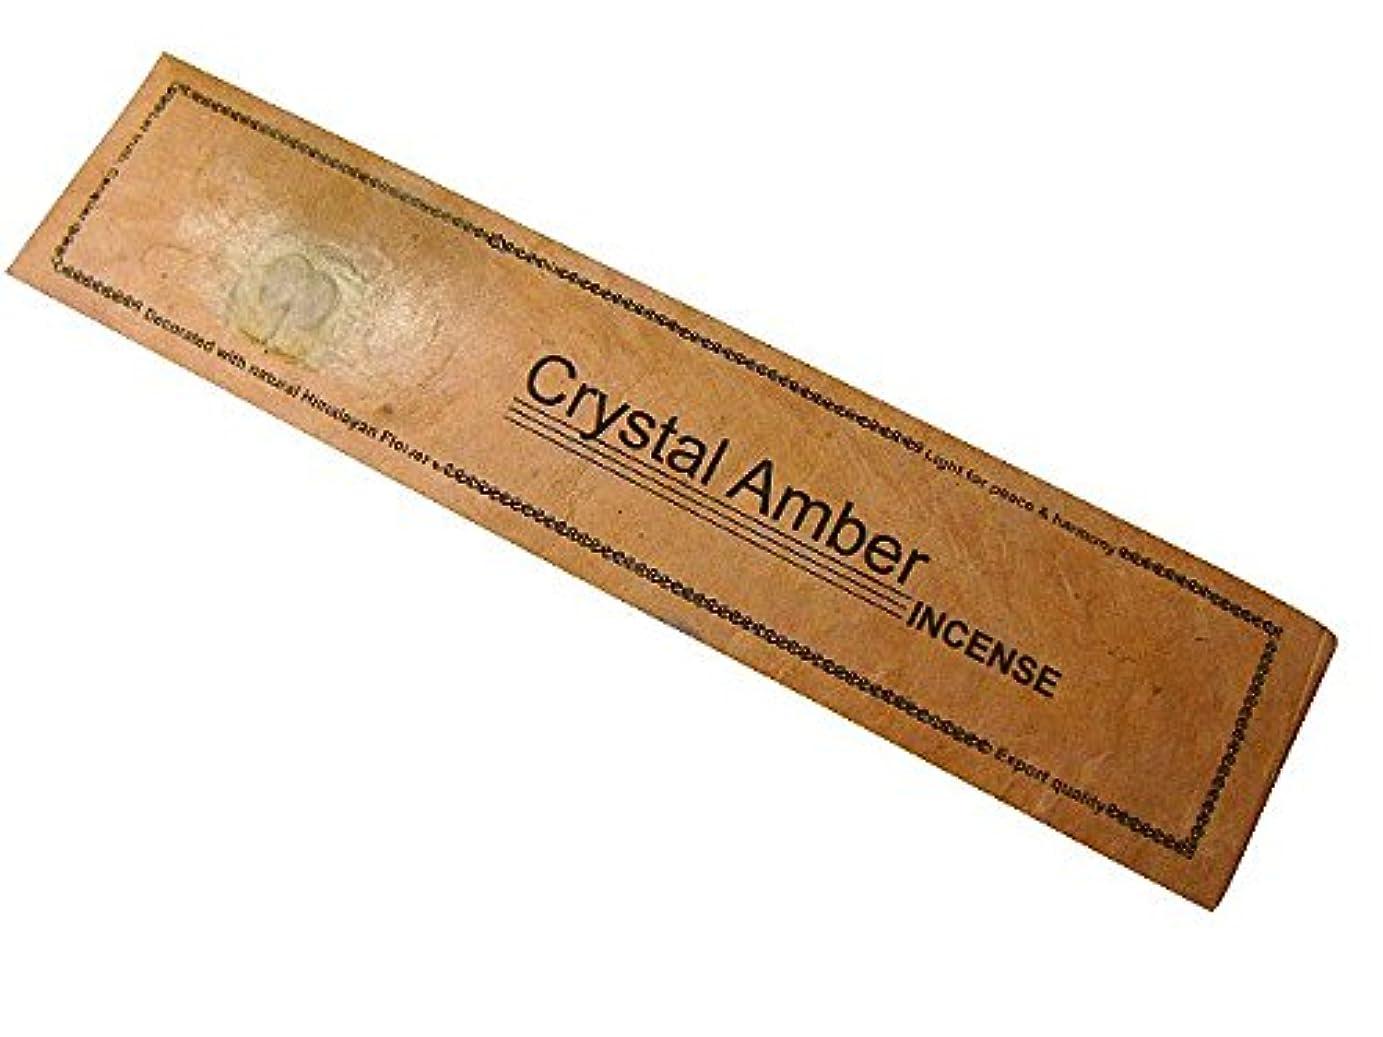 落ち着いた退却ワーディアンケースNEPAL INCENSE ネパールのロクタ紙にヒマラヤの押し花のお香【CrystalAmberクリスタルアンバー】 スティック